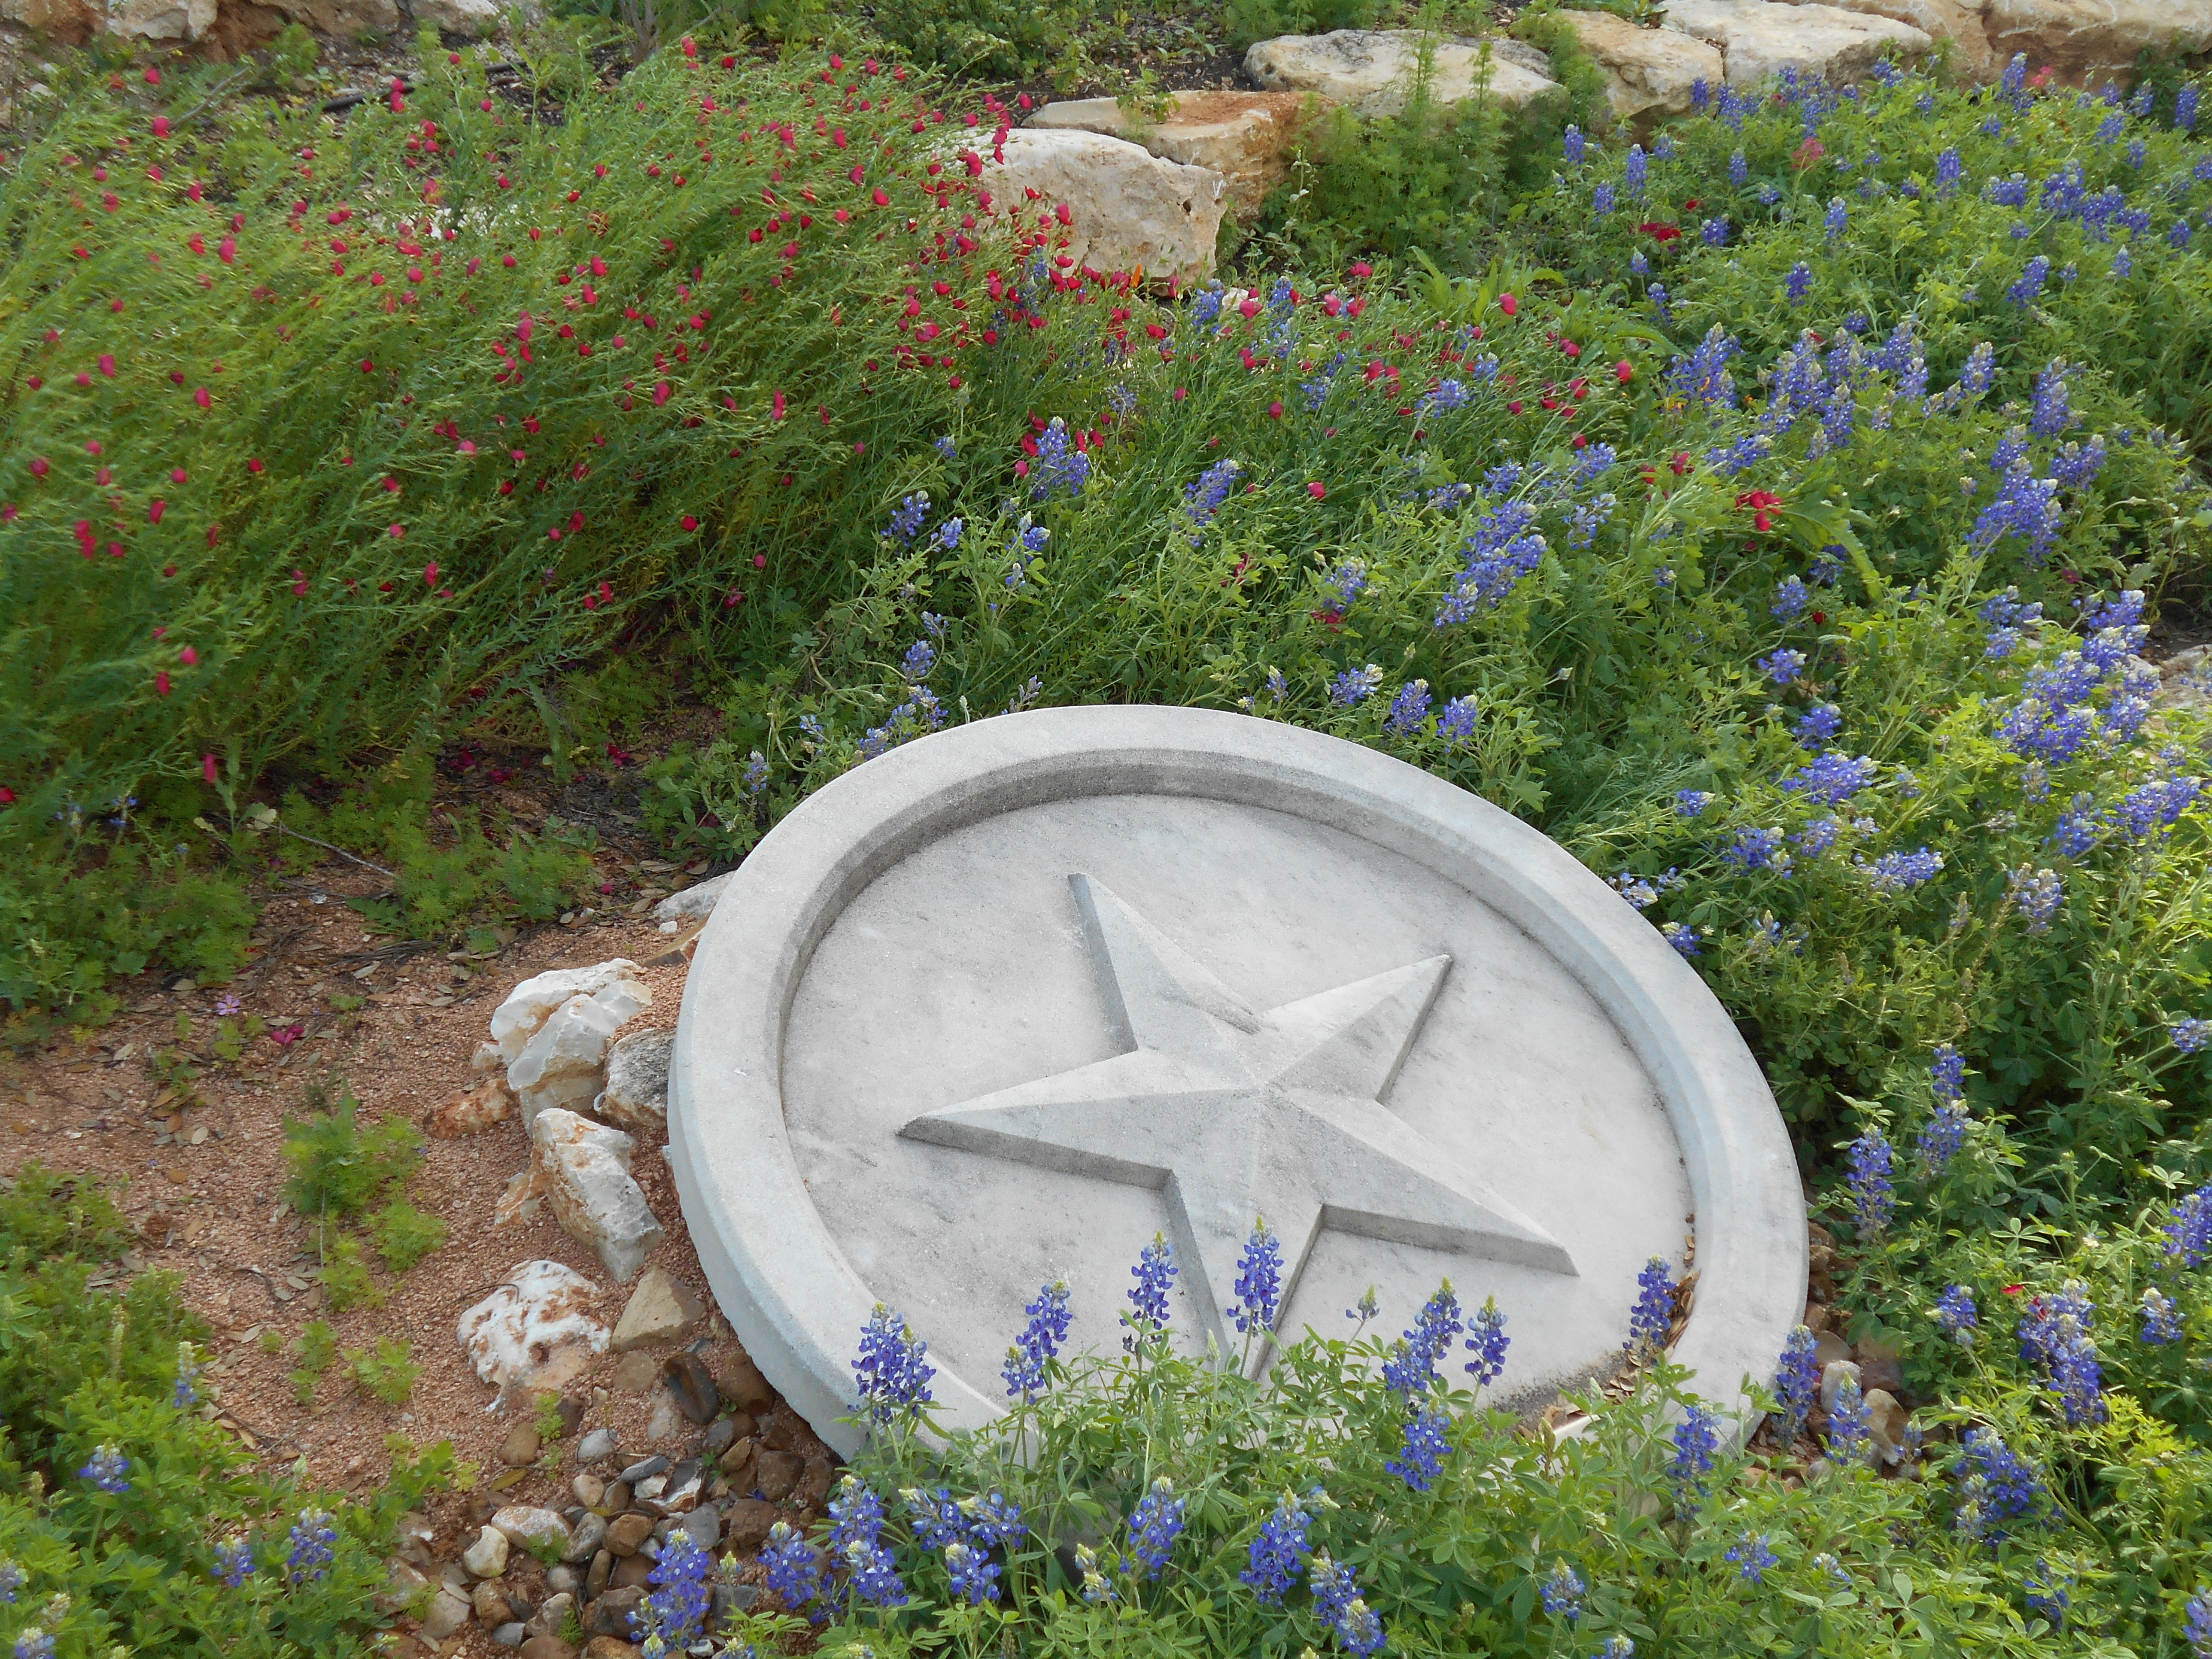 Personals in garden ridge texas